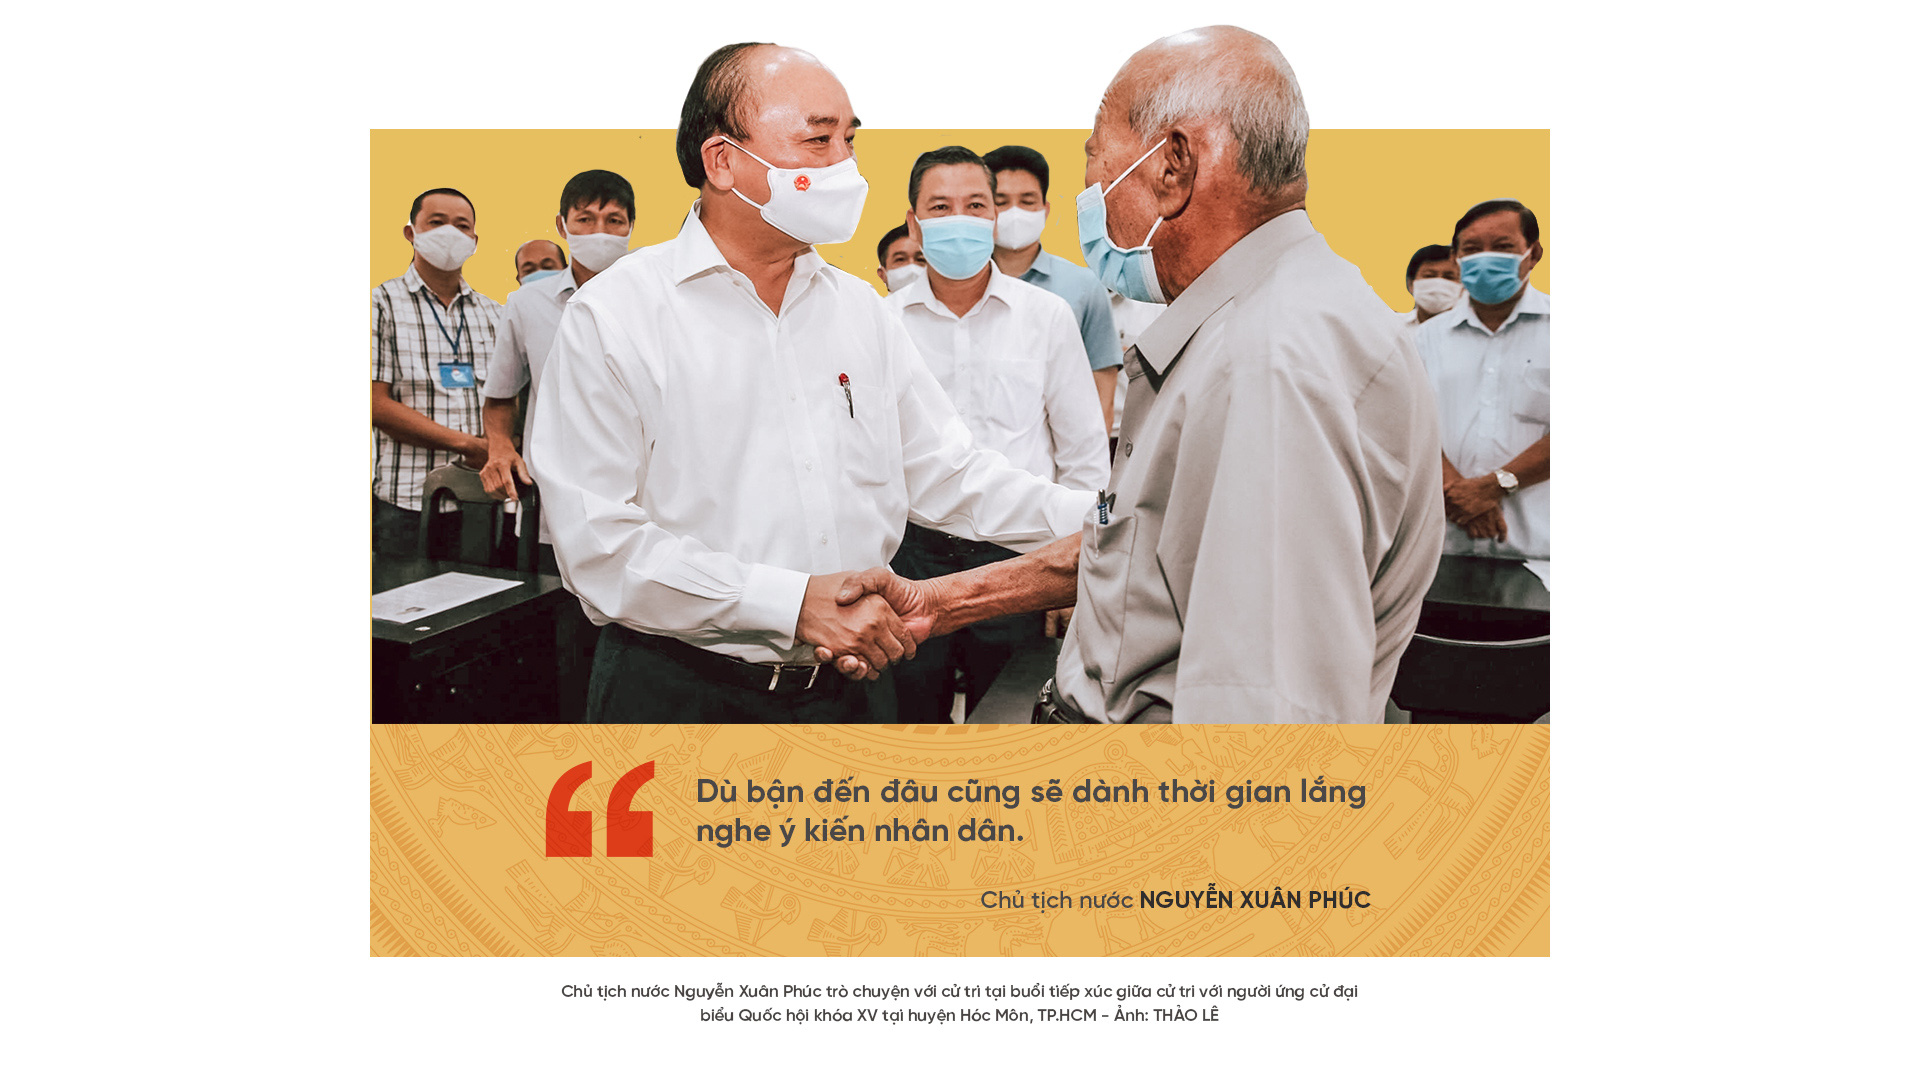 Chủ tịch nước Nguyễn Xuân Phúc: Biến truyền thống hào hùng thành sức mạnh phát triển - Ảnh 3.